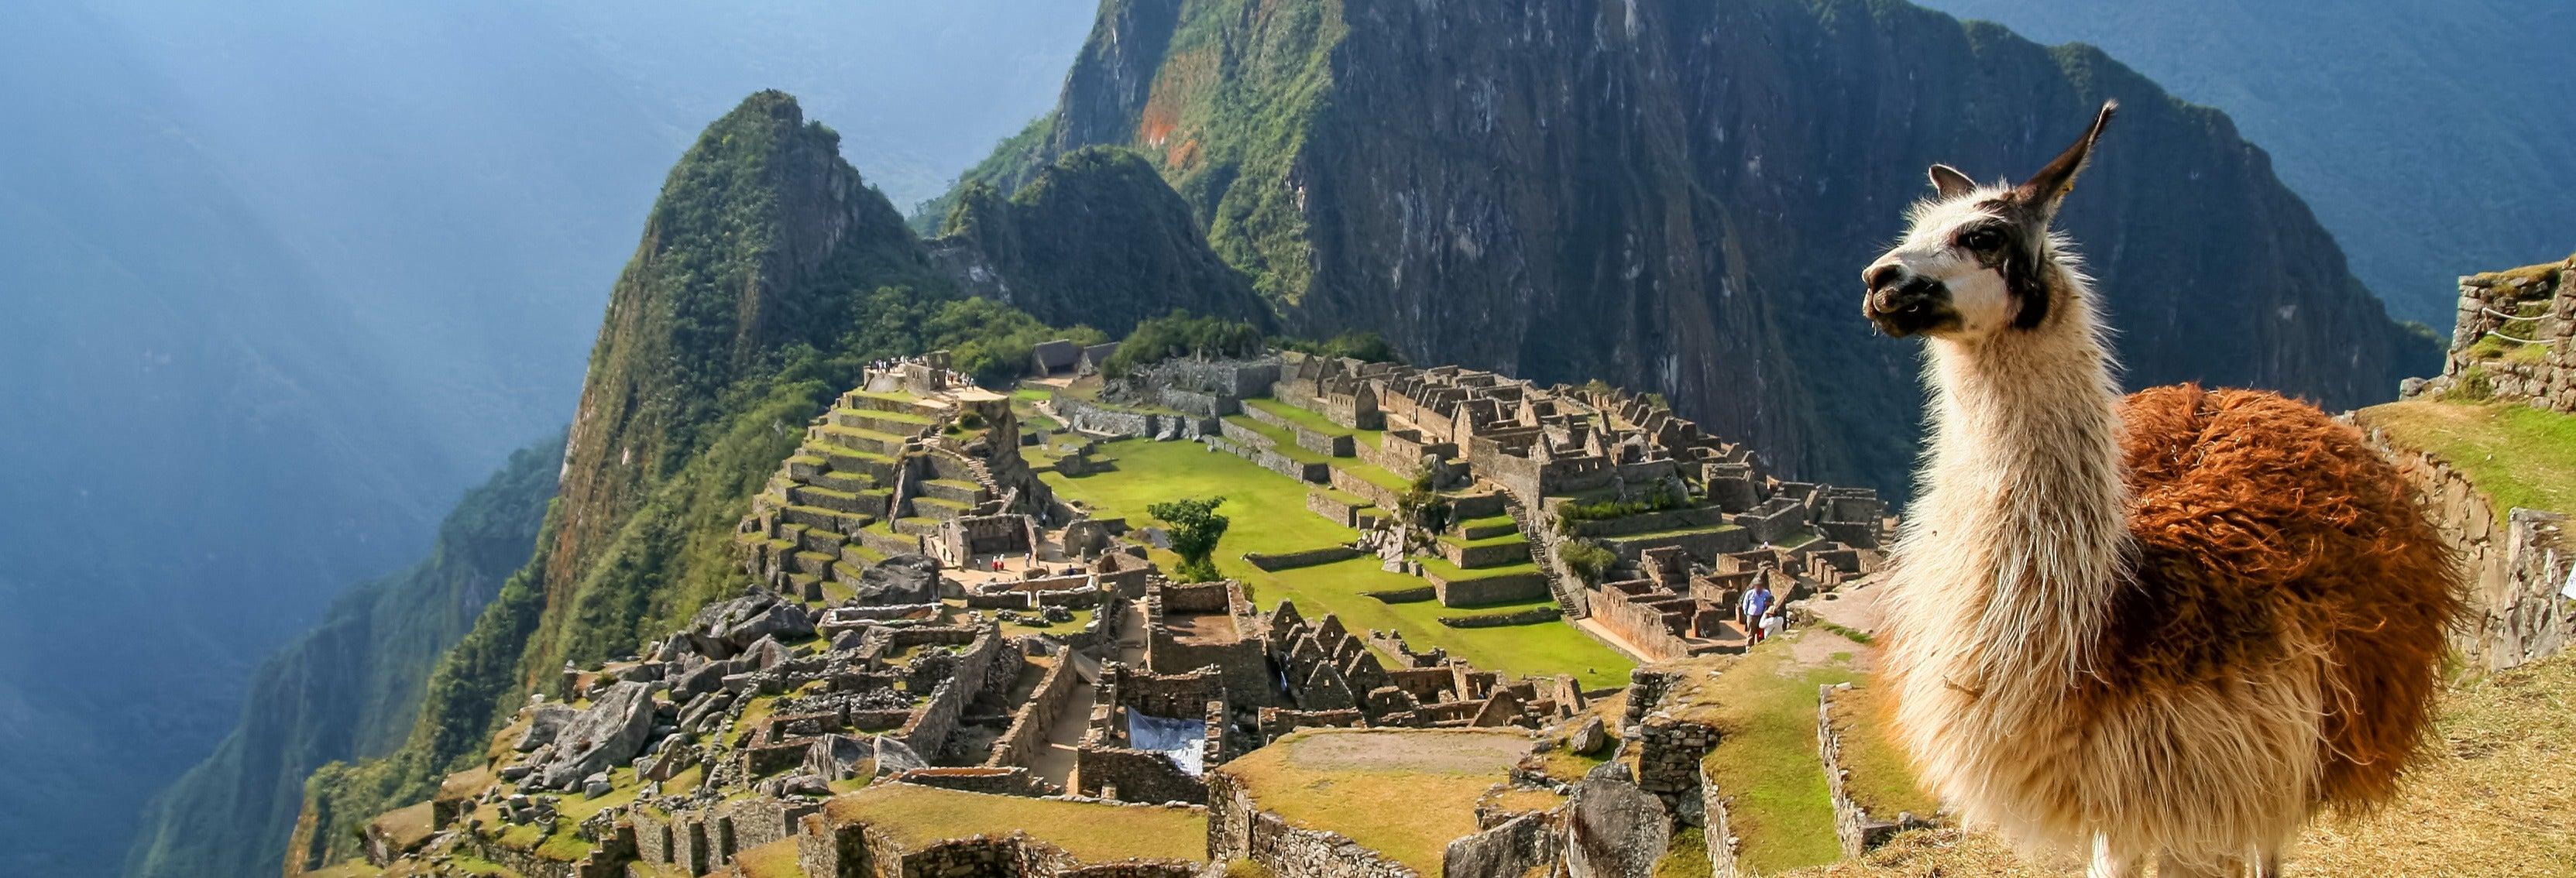 Excursión a Machu Picchu + Montaña Machu Picchu